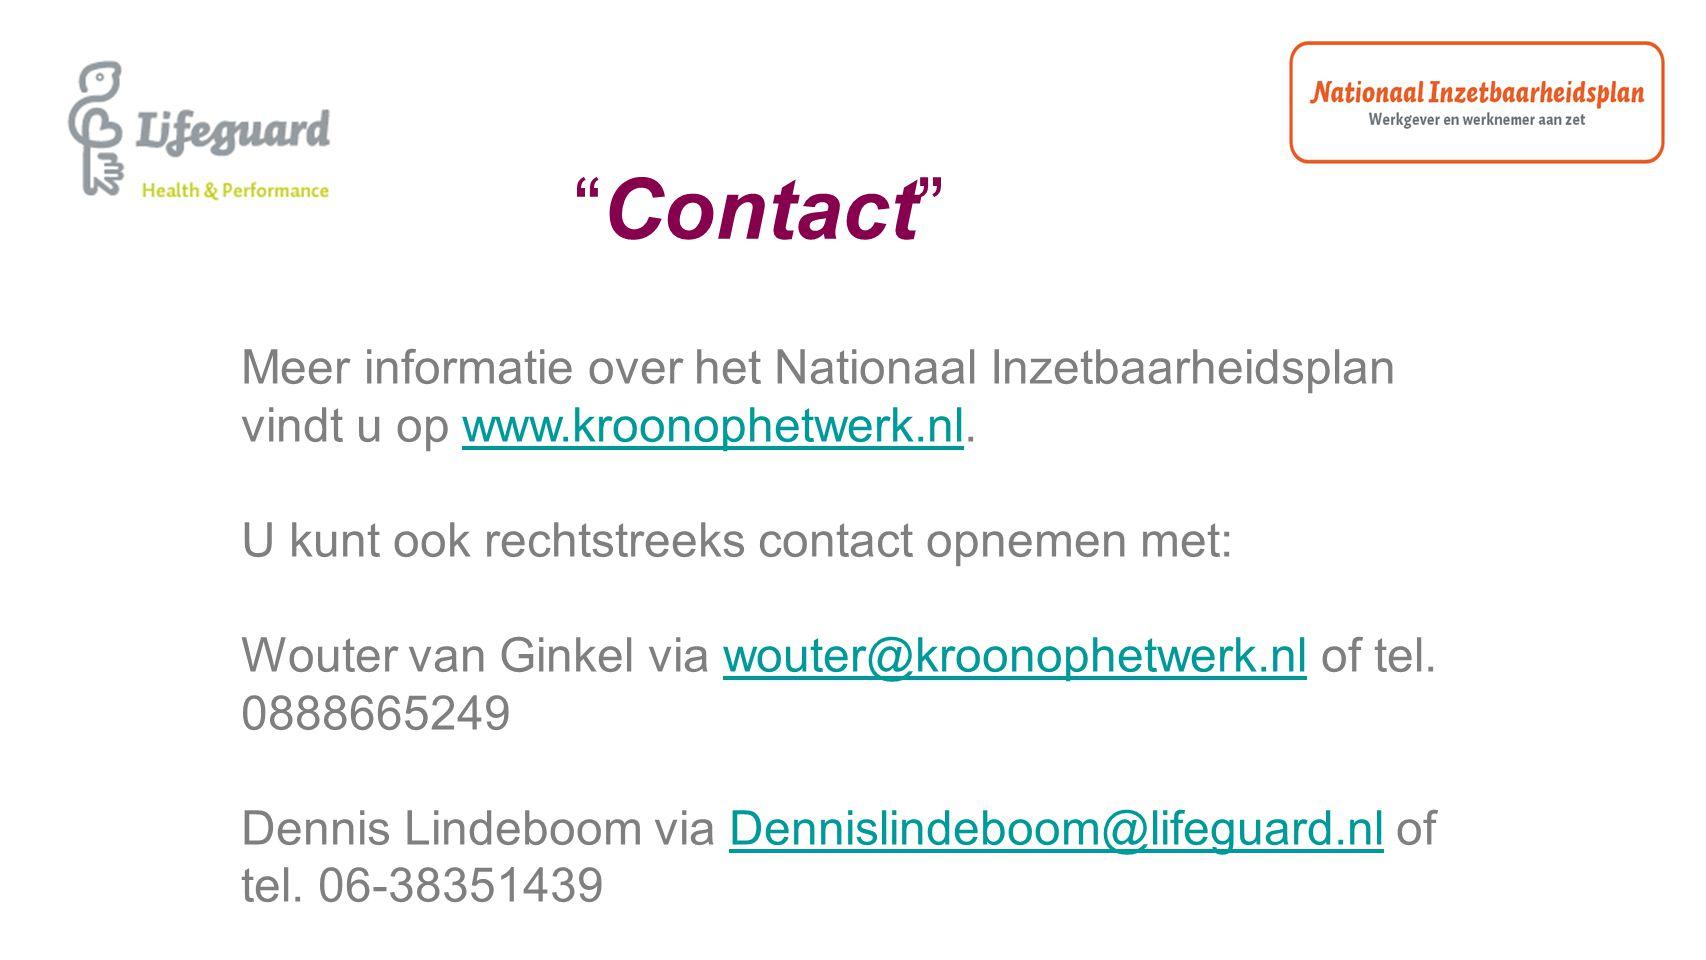 Contact Meer informatie over het Nationaal Inzetbaarheidsplan vindt u op www.kroonophetwerk.nl. U kunt ook rechtstreeks contact opnemen met: